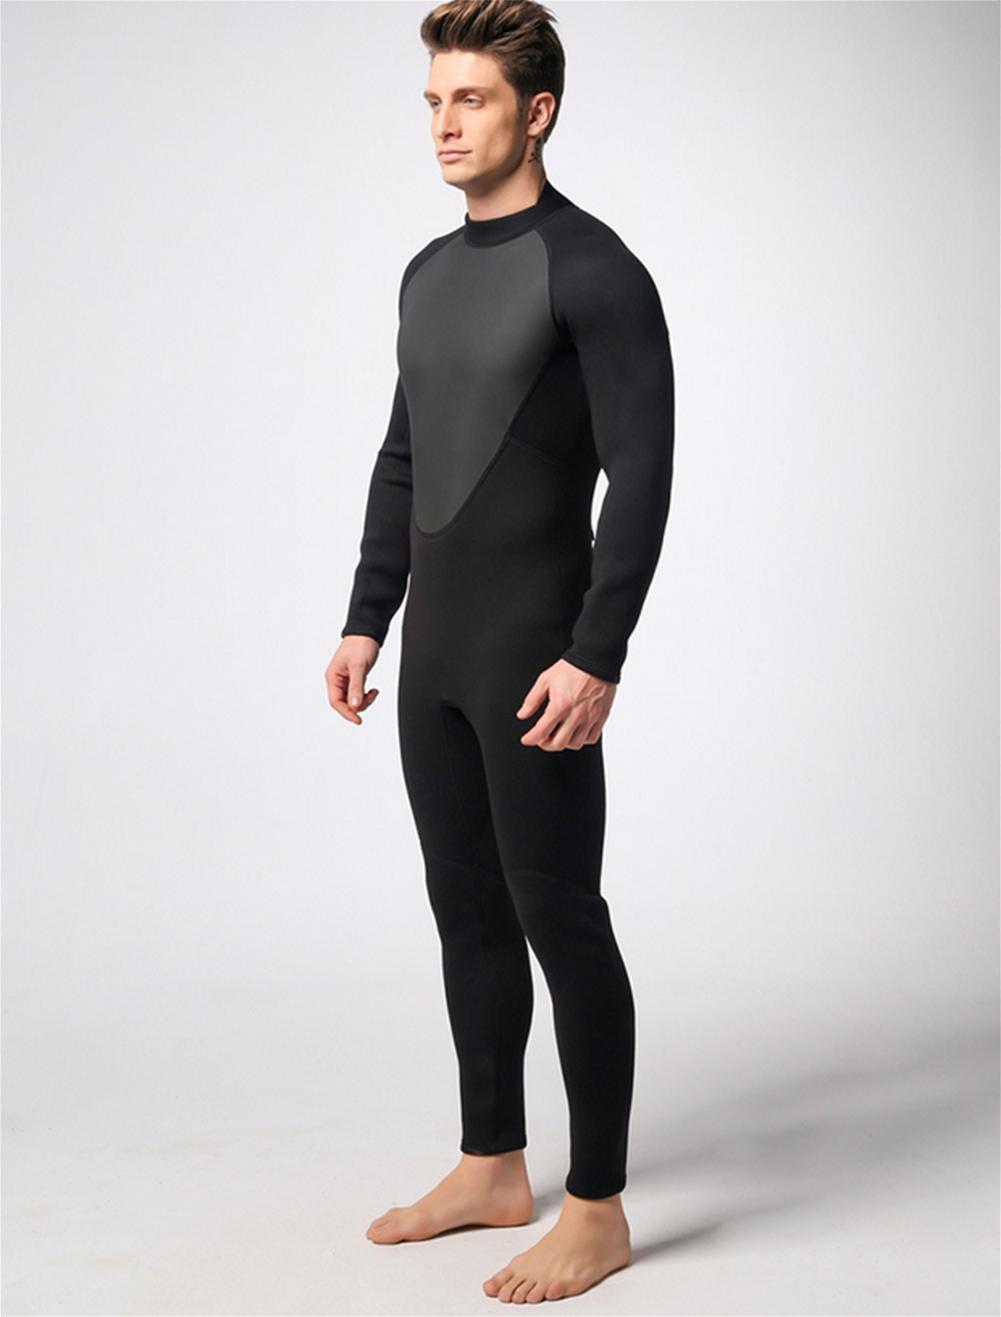 Pengwei3 millimetri millimetri millimetri Pezzo Sole Navigare Abbigliamento Indumenti di Protezione Muta da Sub, M 2837cf